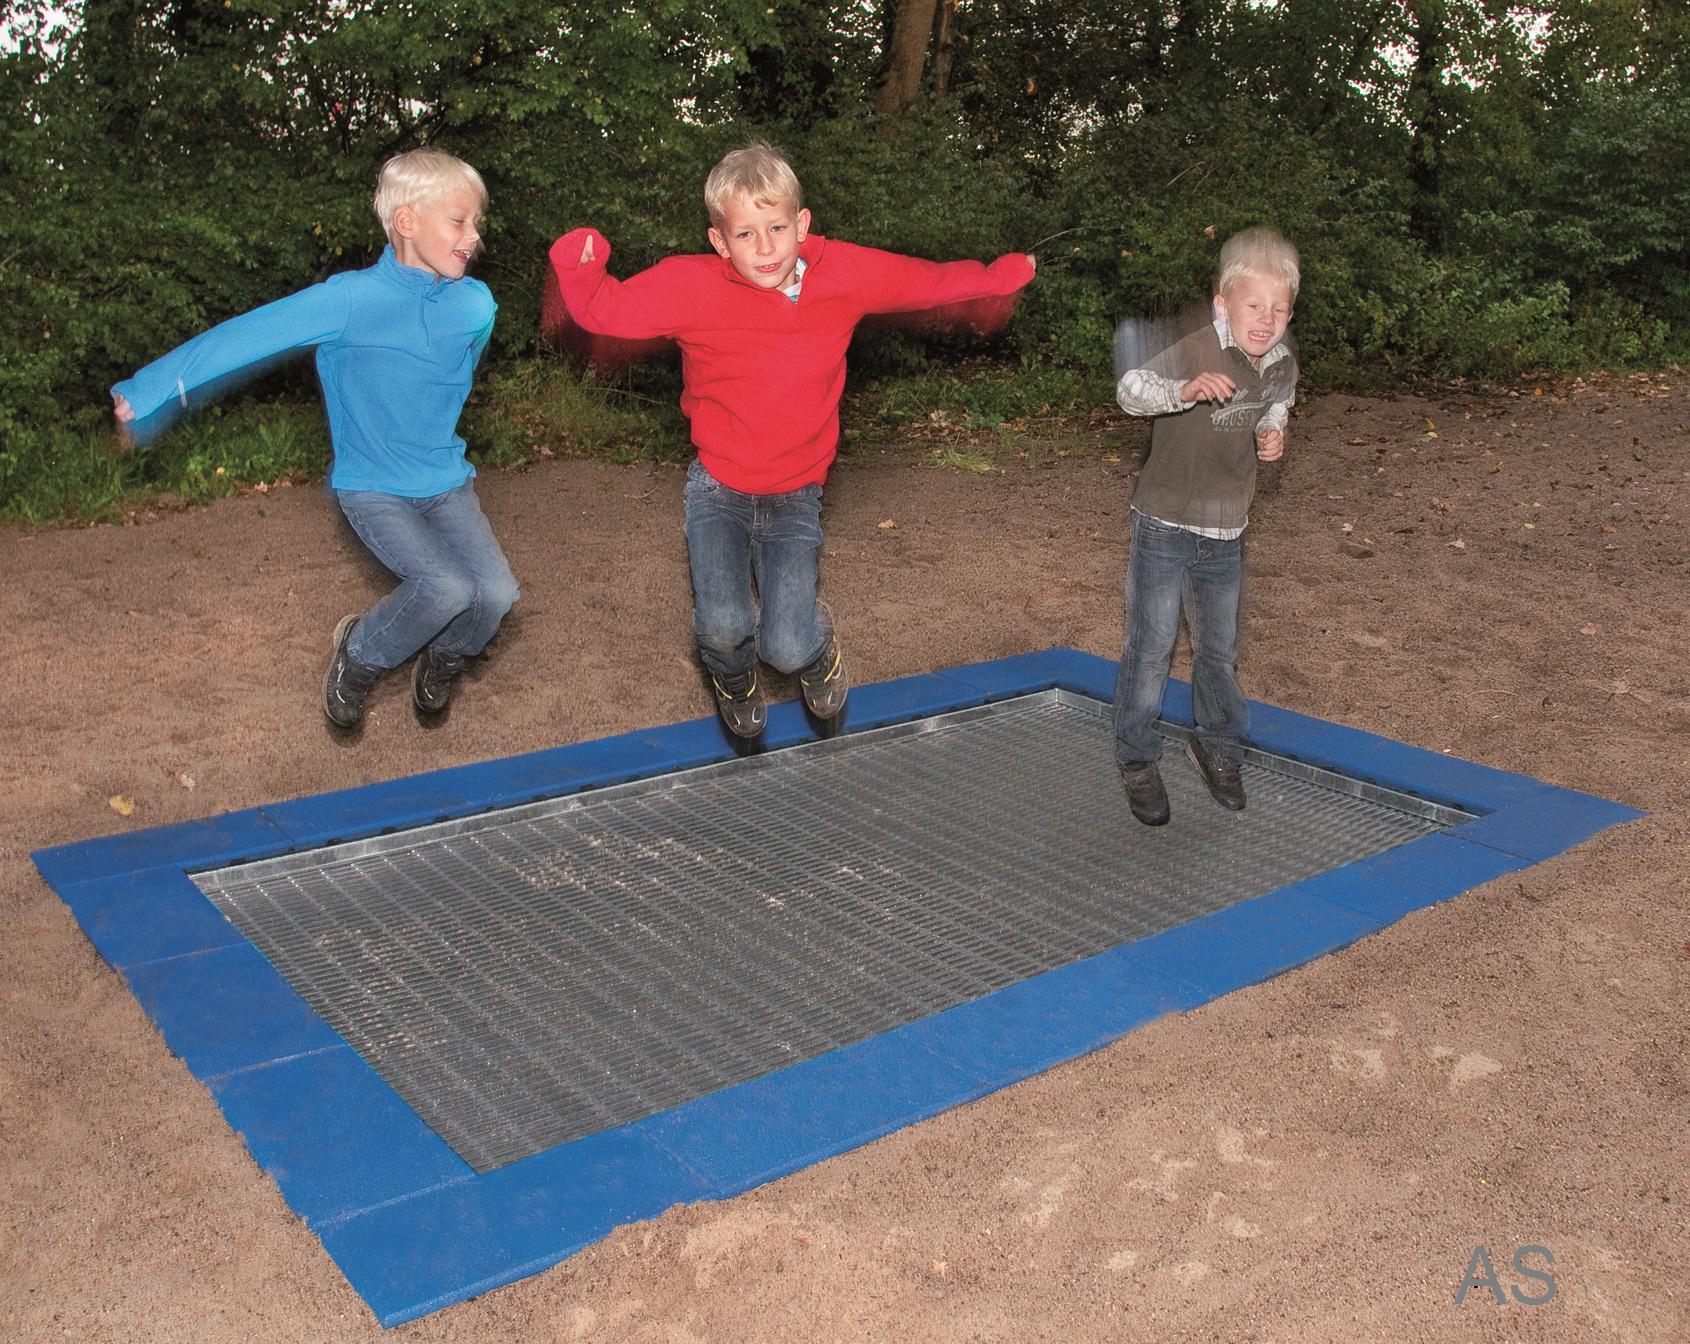 Ullmann giga einbautrampolin jump xl rechteckig 6 00 m for Boden direkt shop